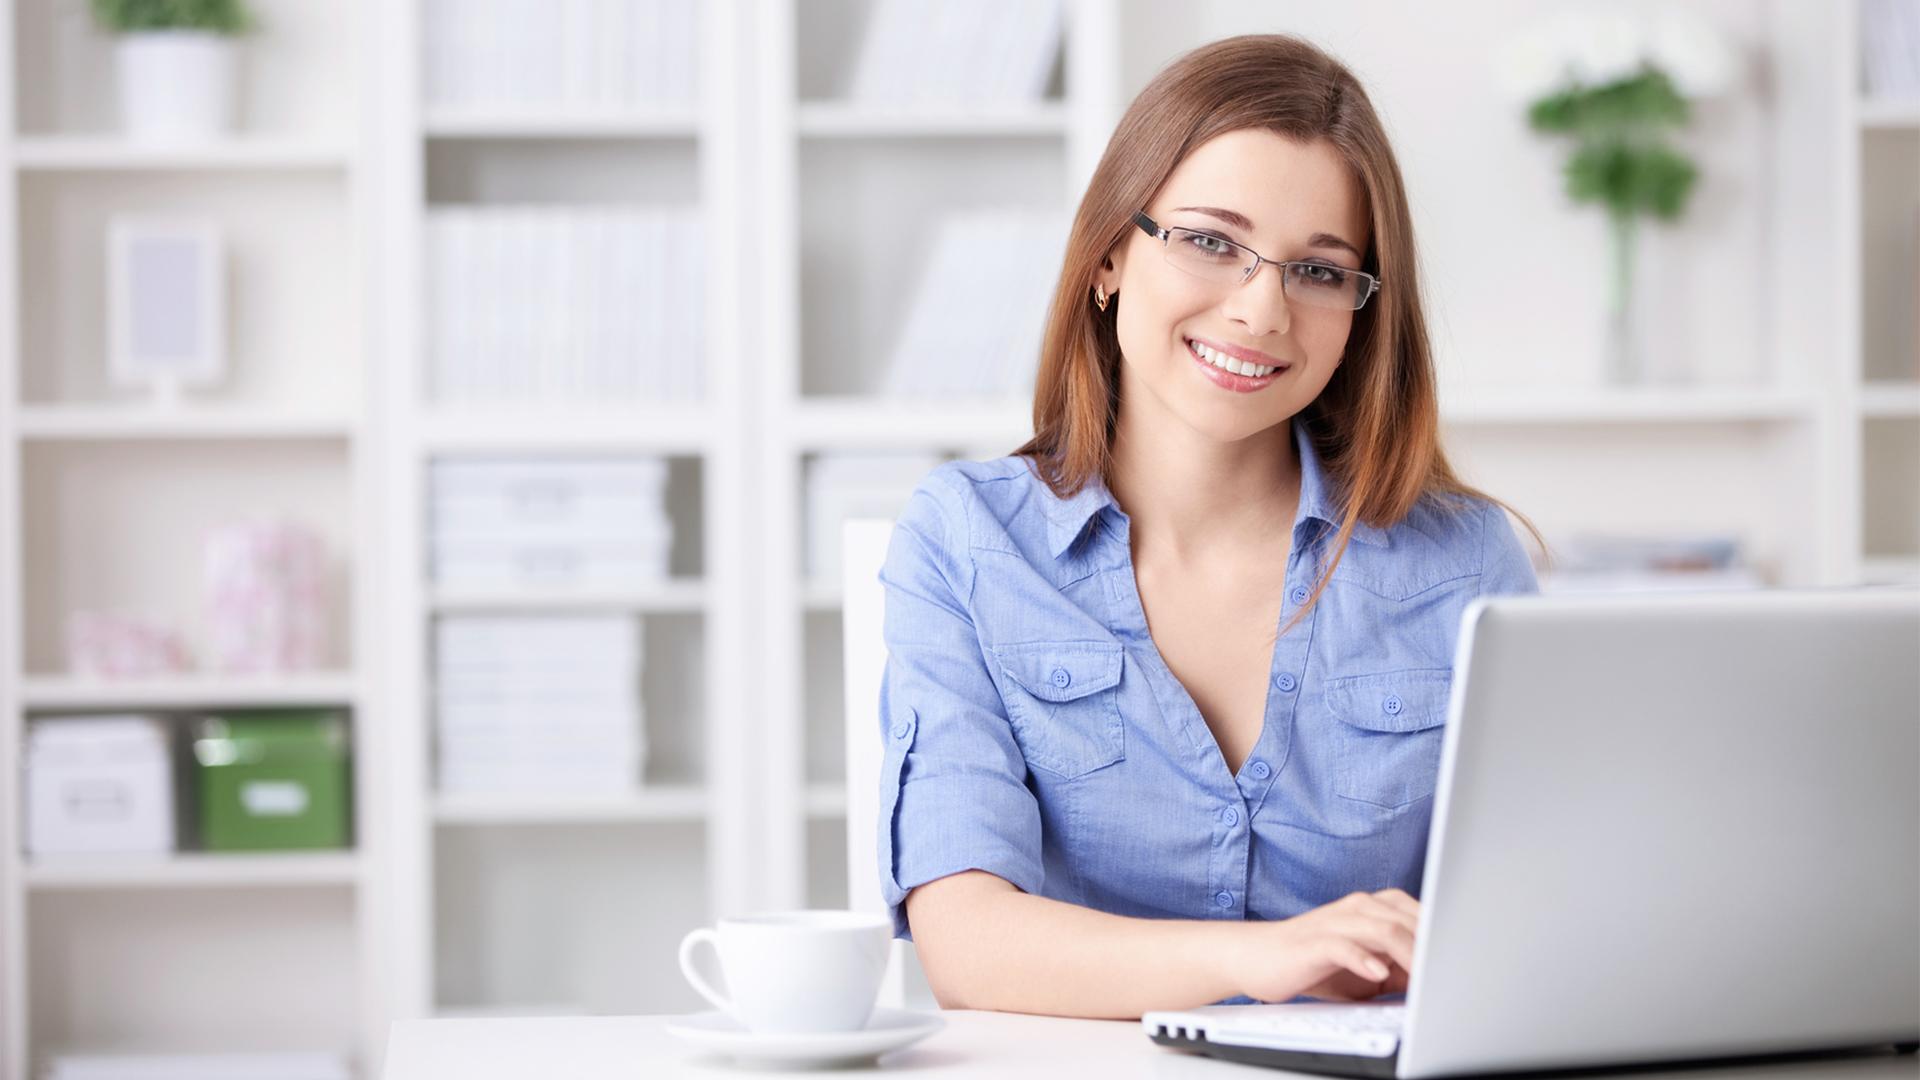 Cum să lucrați pe internet fără investiții. Cât de mult puteți câștiga pe Internet